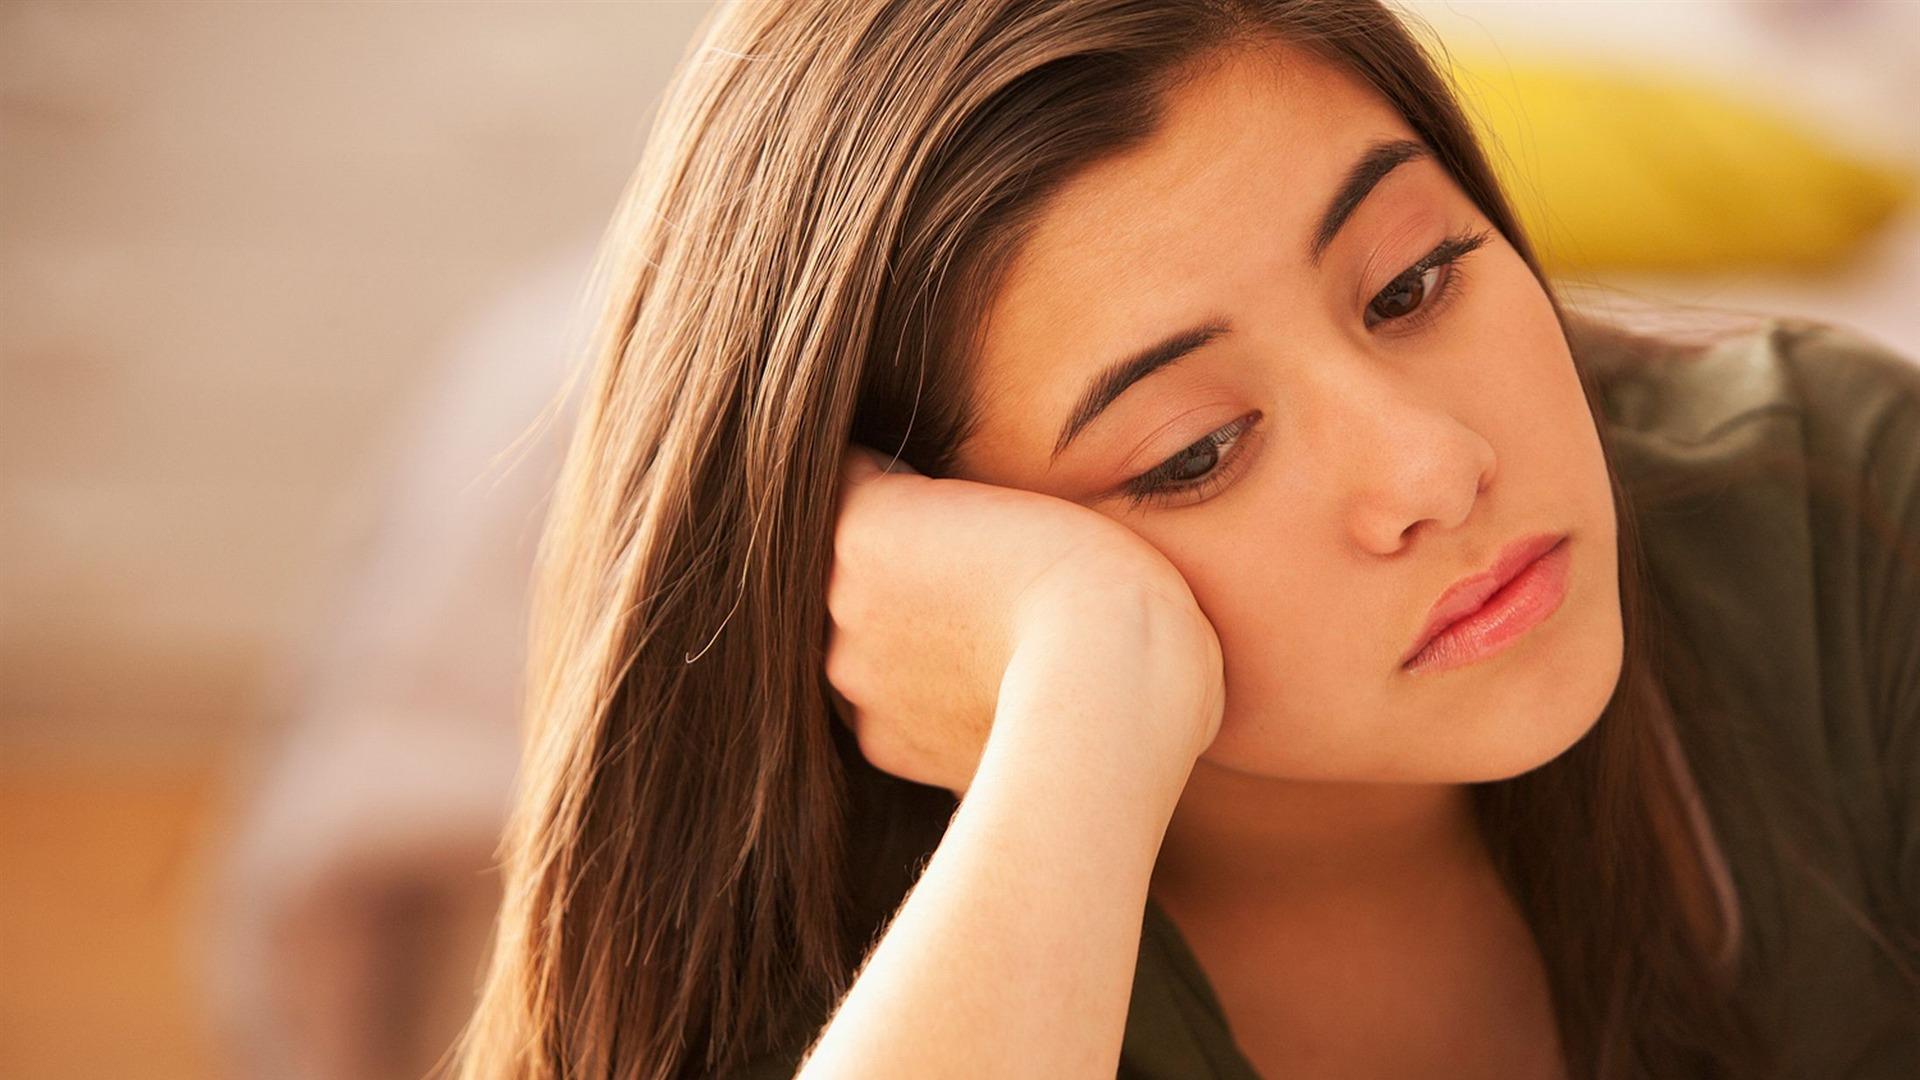 قصة حب | أسباب فشل العلاقات العاطفية